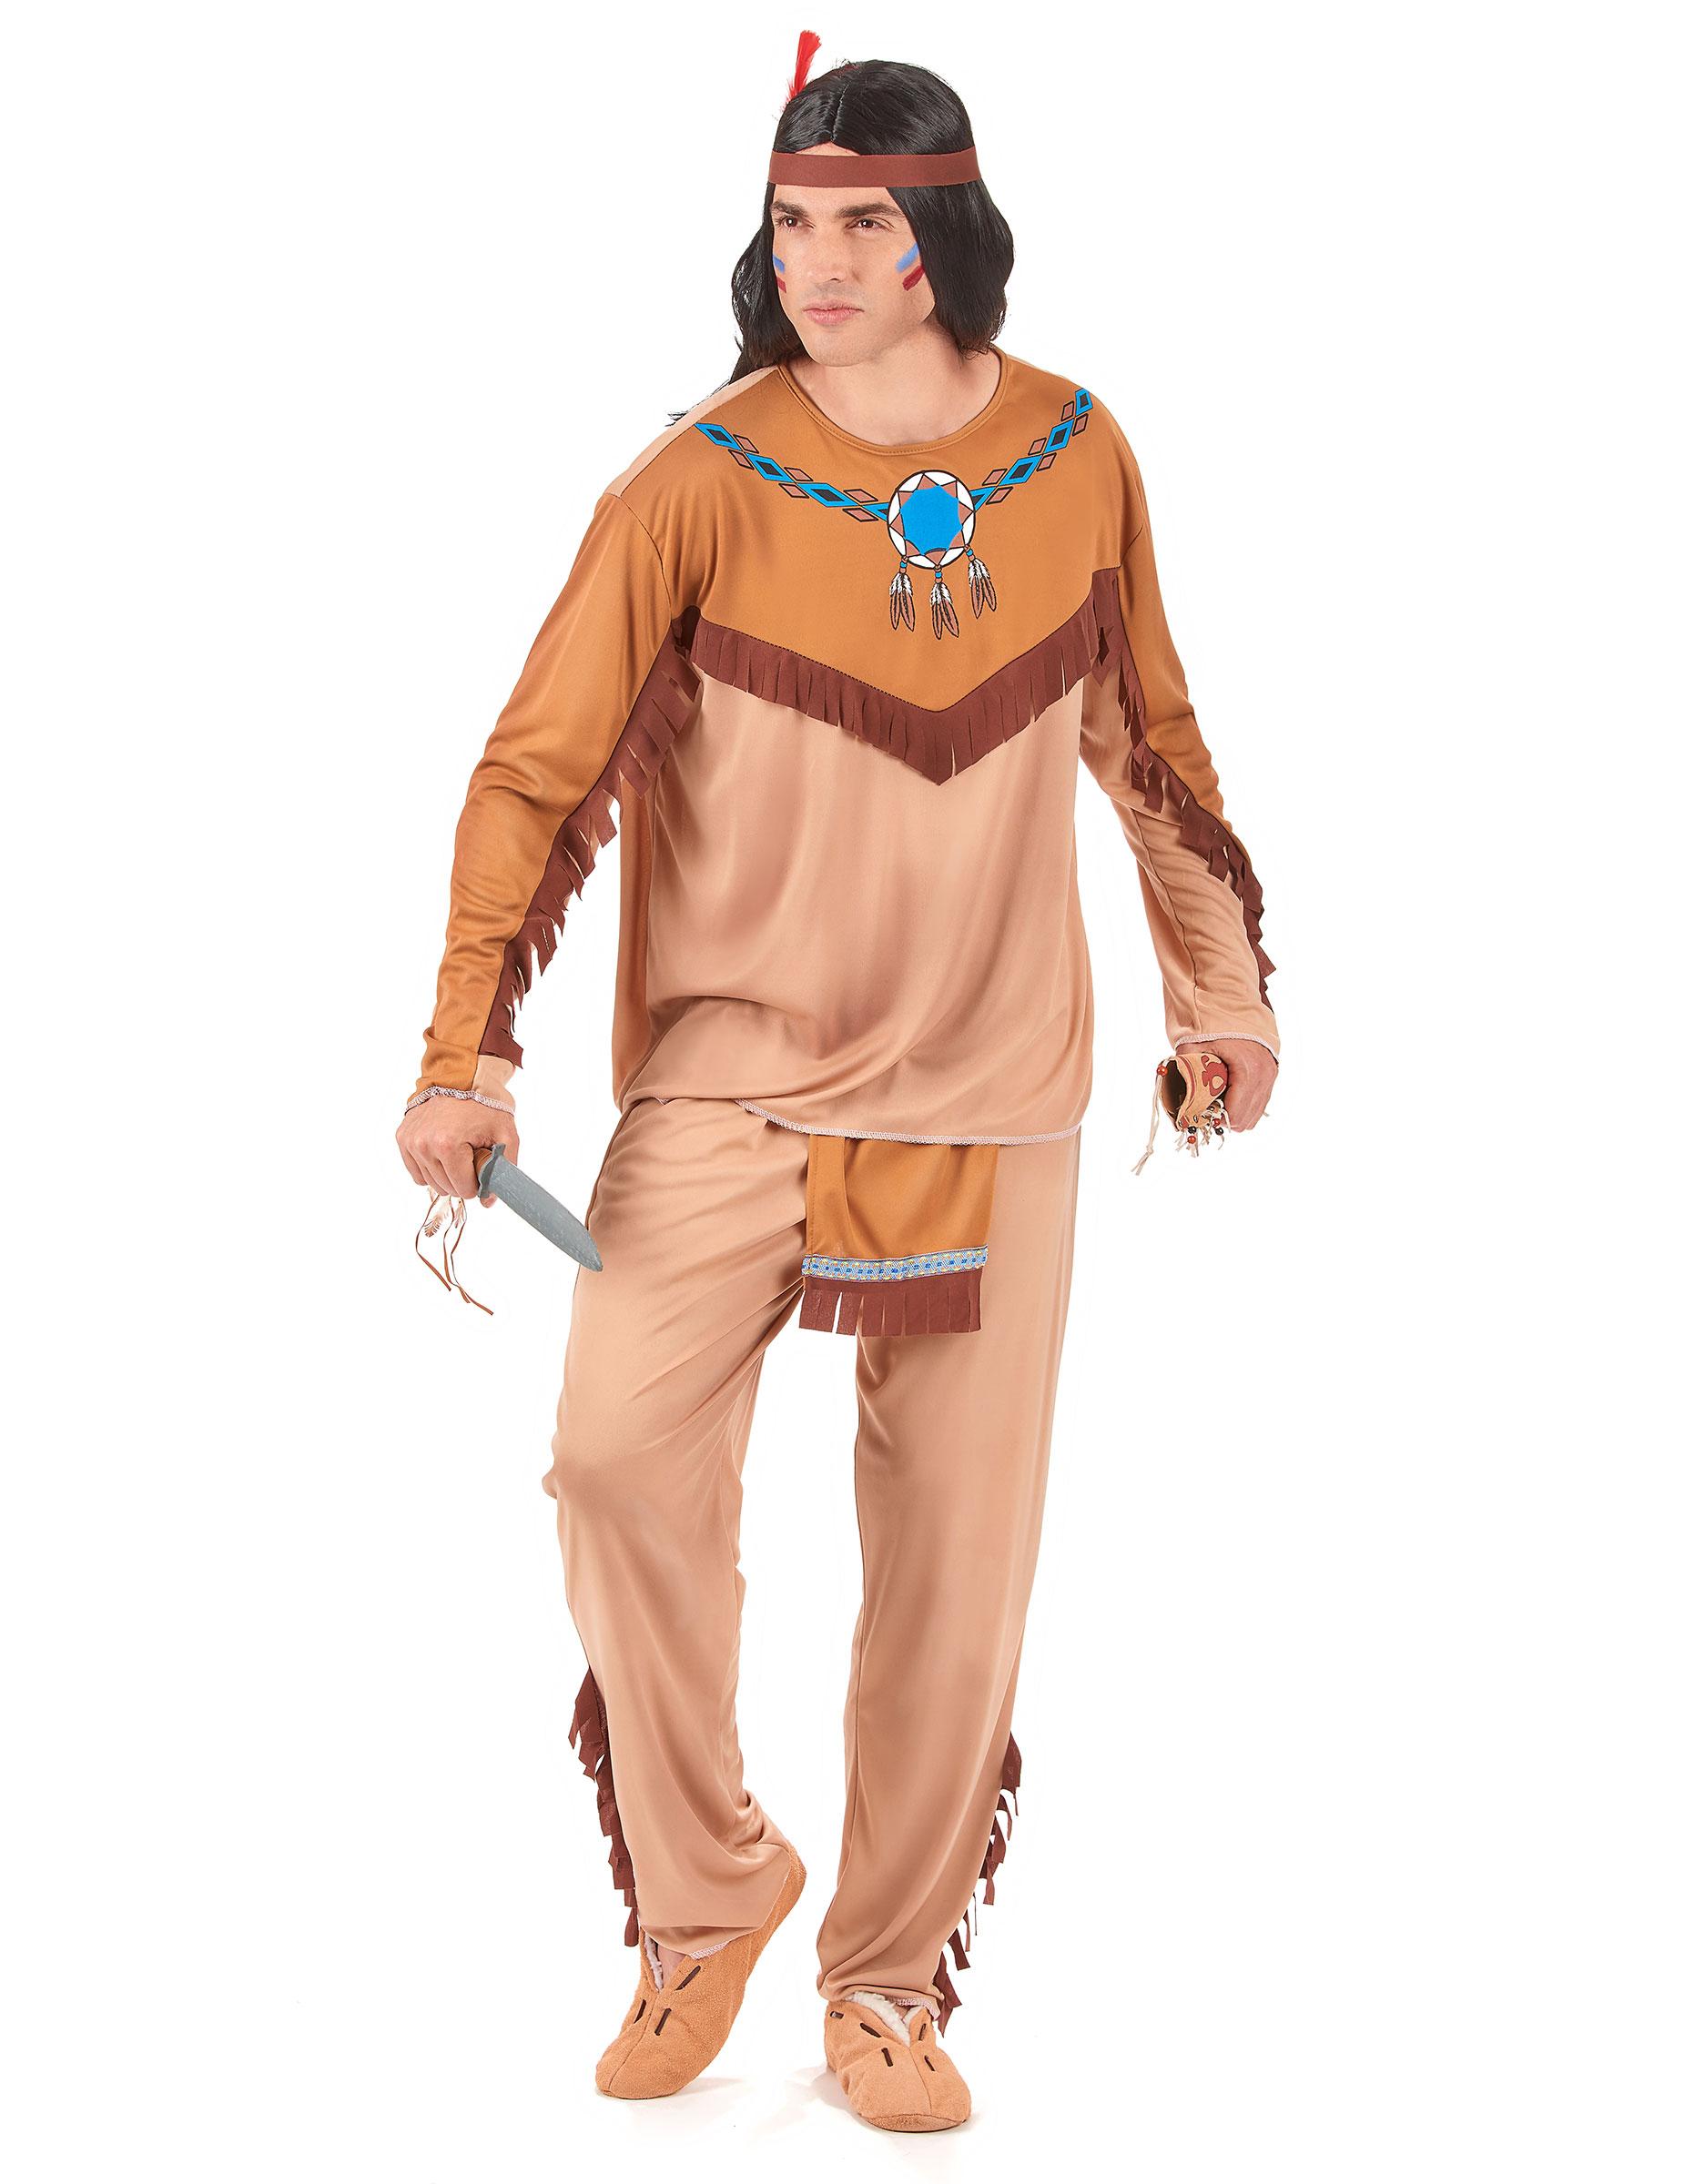 Manner Indianerkostum Fur Fasching Bunt Kostume Fur Erwachsene Und